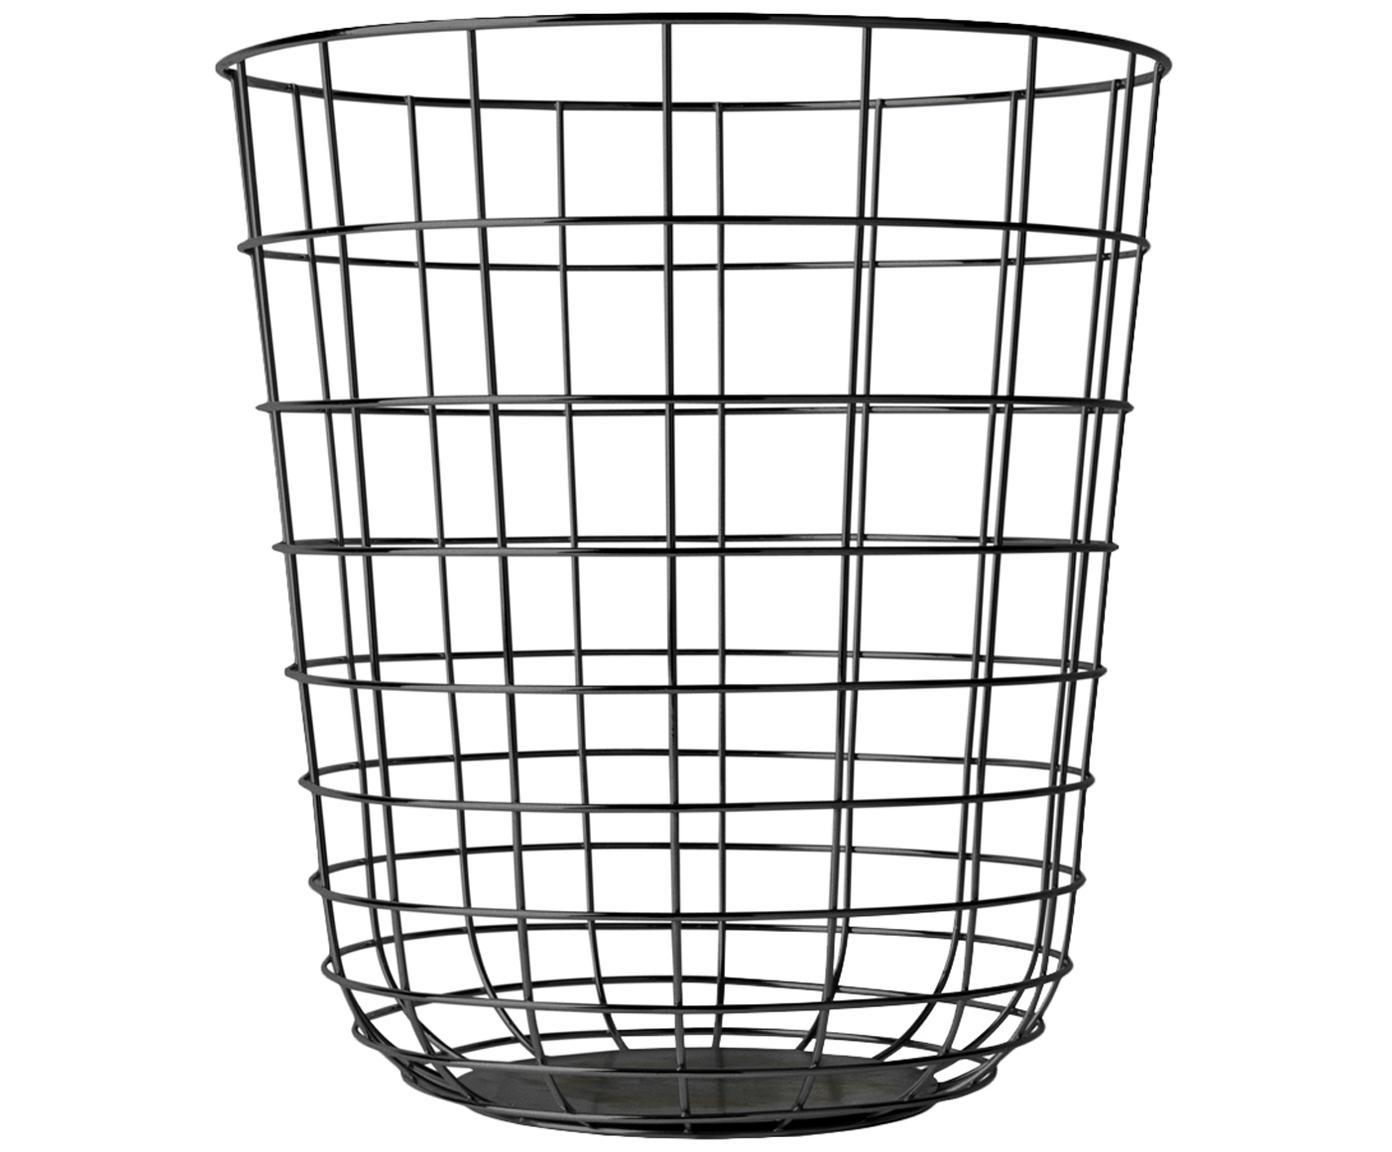 Papiermand Wire Bin, Mand: staal, Zwart, Ø 32 x H 35 cm